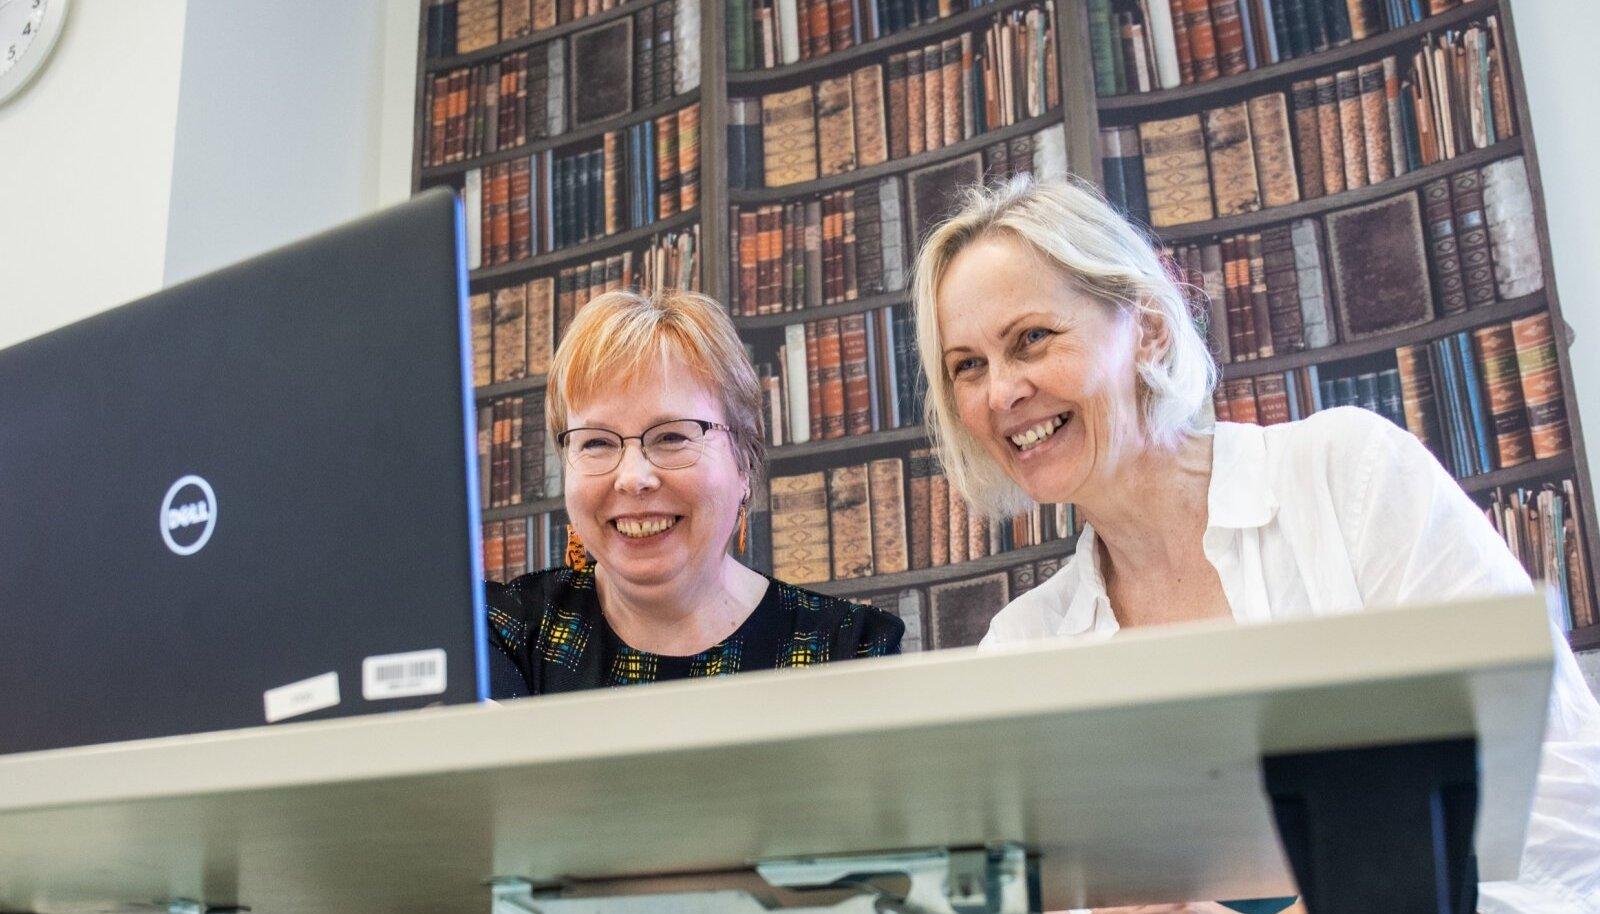 Kolmapäeviti toimuvatel jutuhommikutel on kuulajaid on orienteeruvalt 50–60. Sõle raamatukogus on jutuvestja rollis raamatukoguhoidja Anu Sepp (vasakul), temaga koos AS-i Hoolekandeteenused kogukonnatöö juhendaja Ivika Türkson.